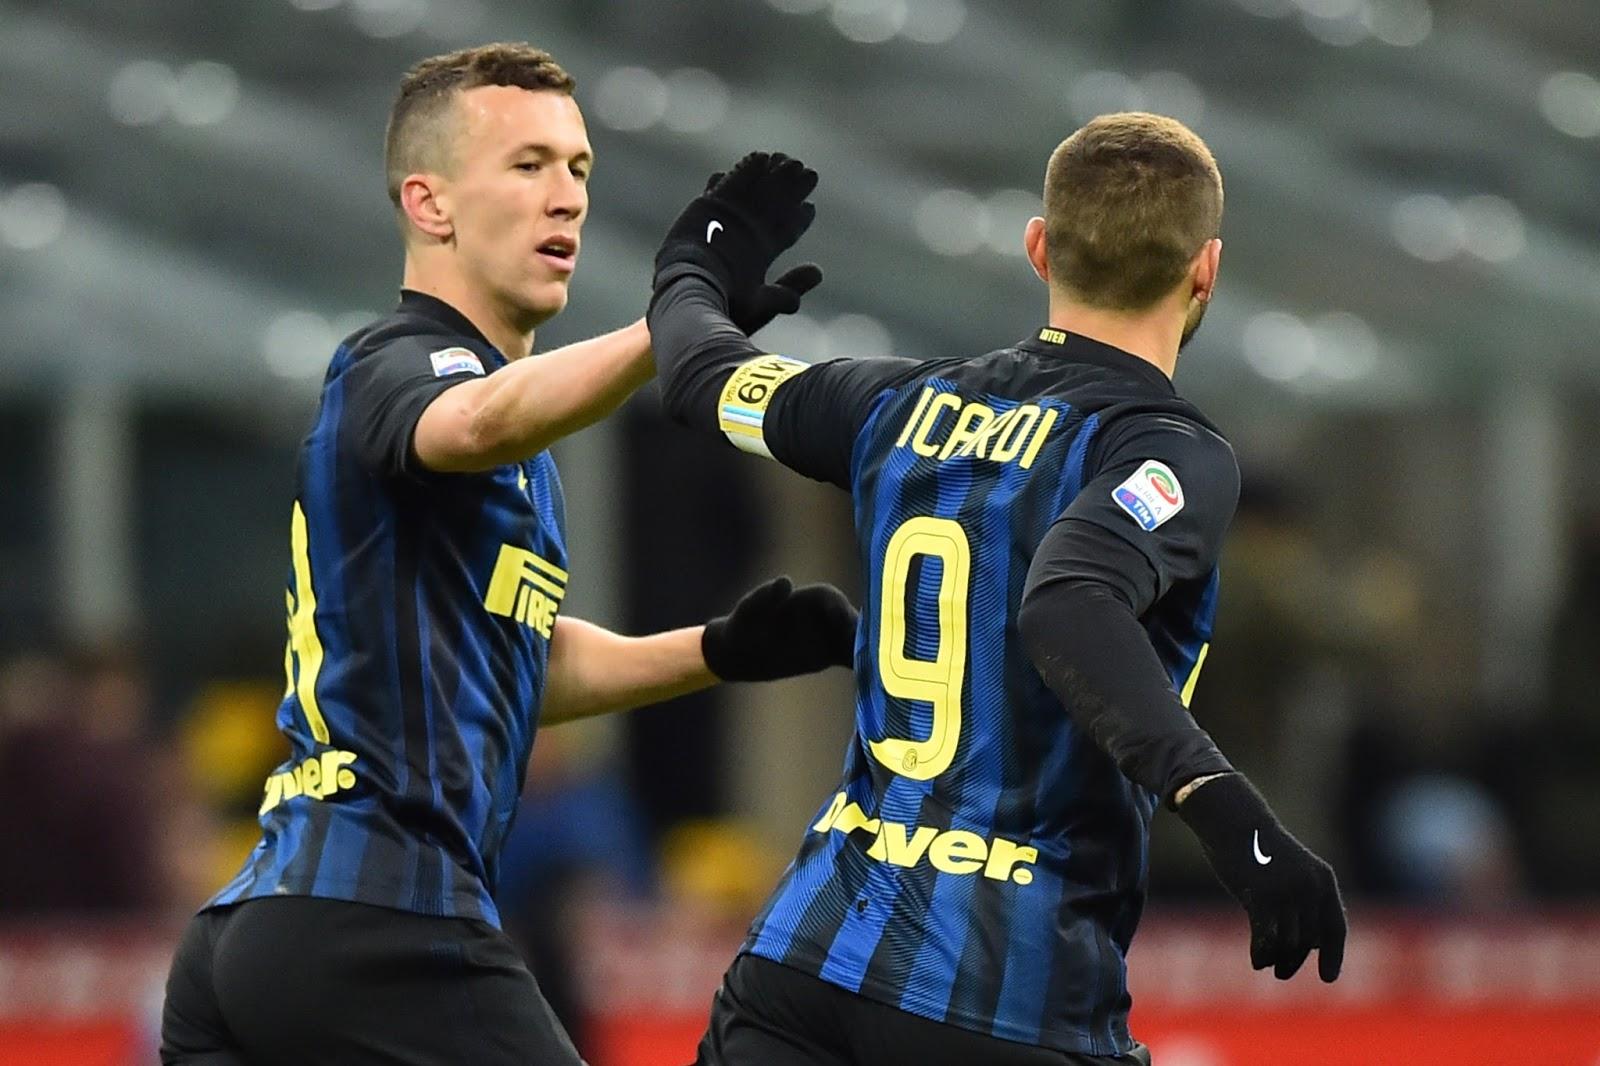 Internaziole ganhou suas últimas seis partidas e briga por vaga nas quartas de final da Copa da Itália (Foto: Giuseppe Cacace/AFP)